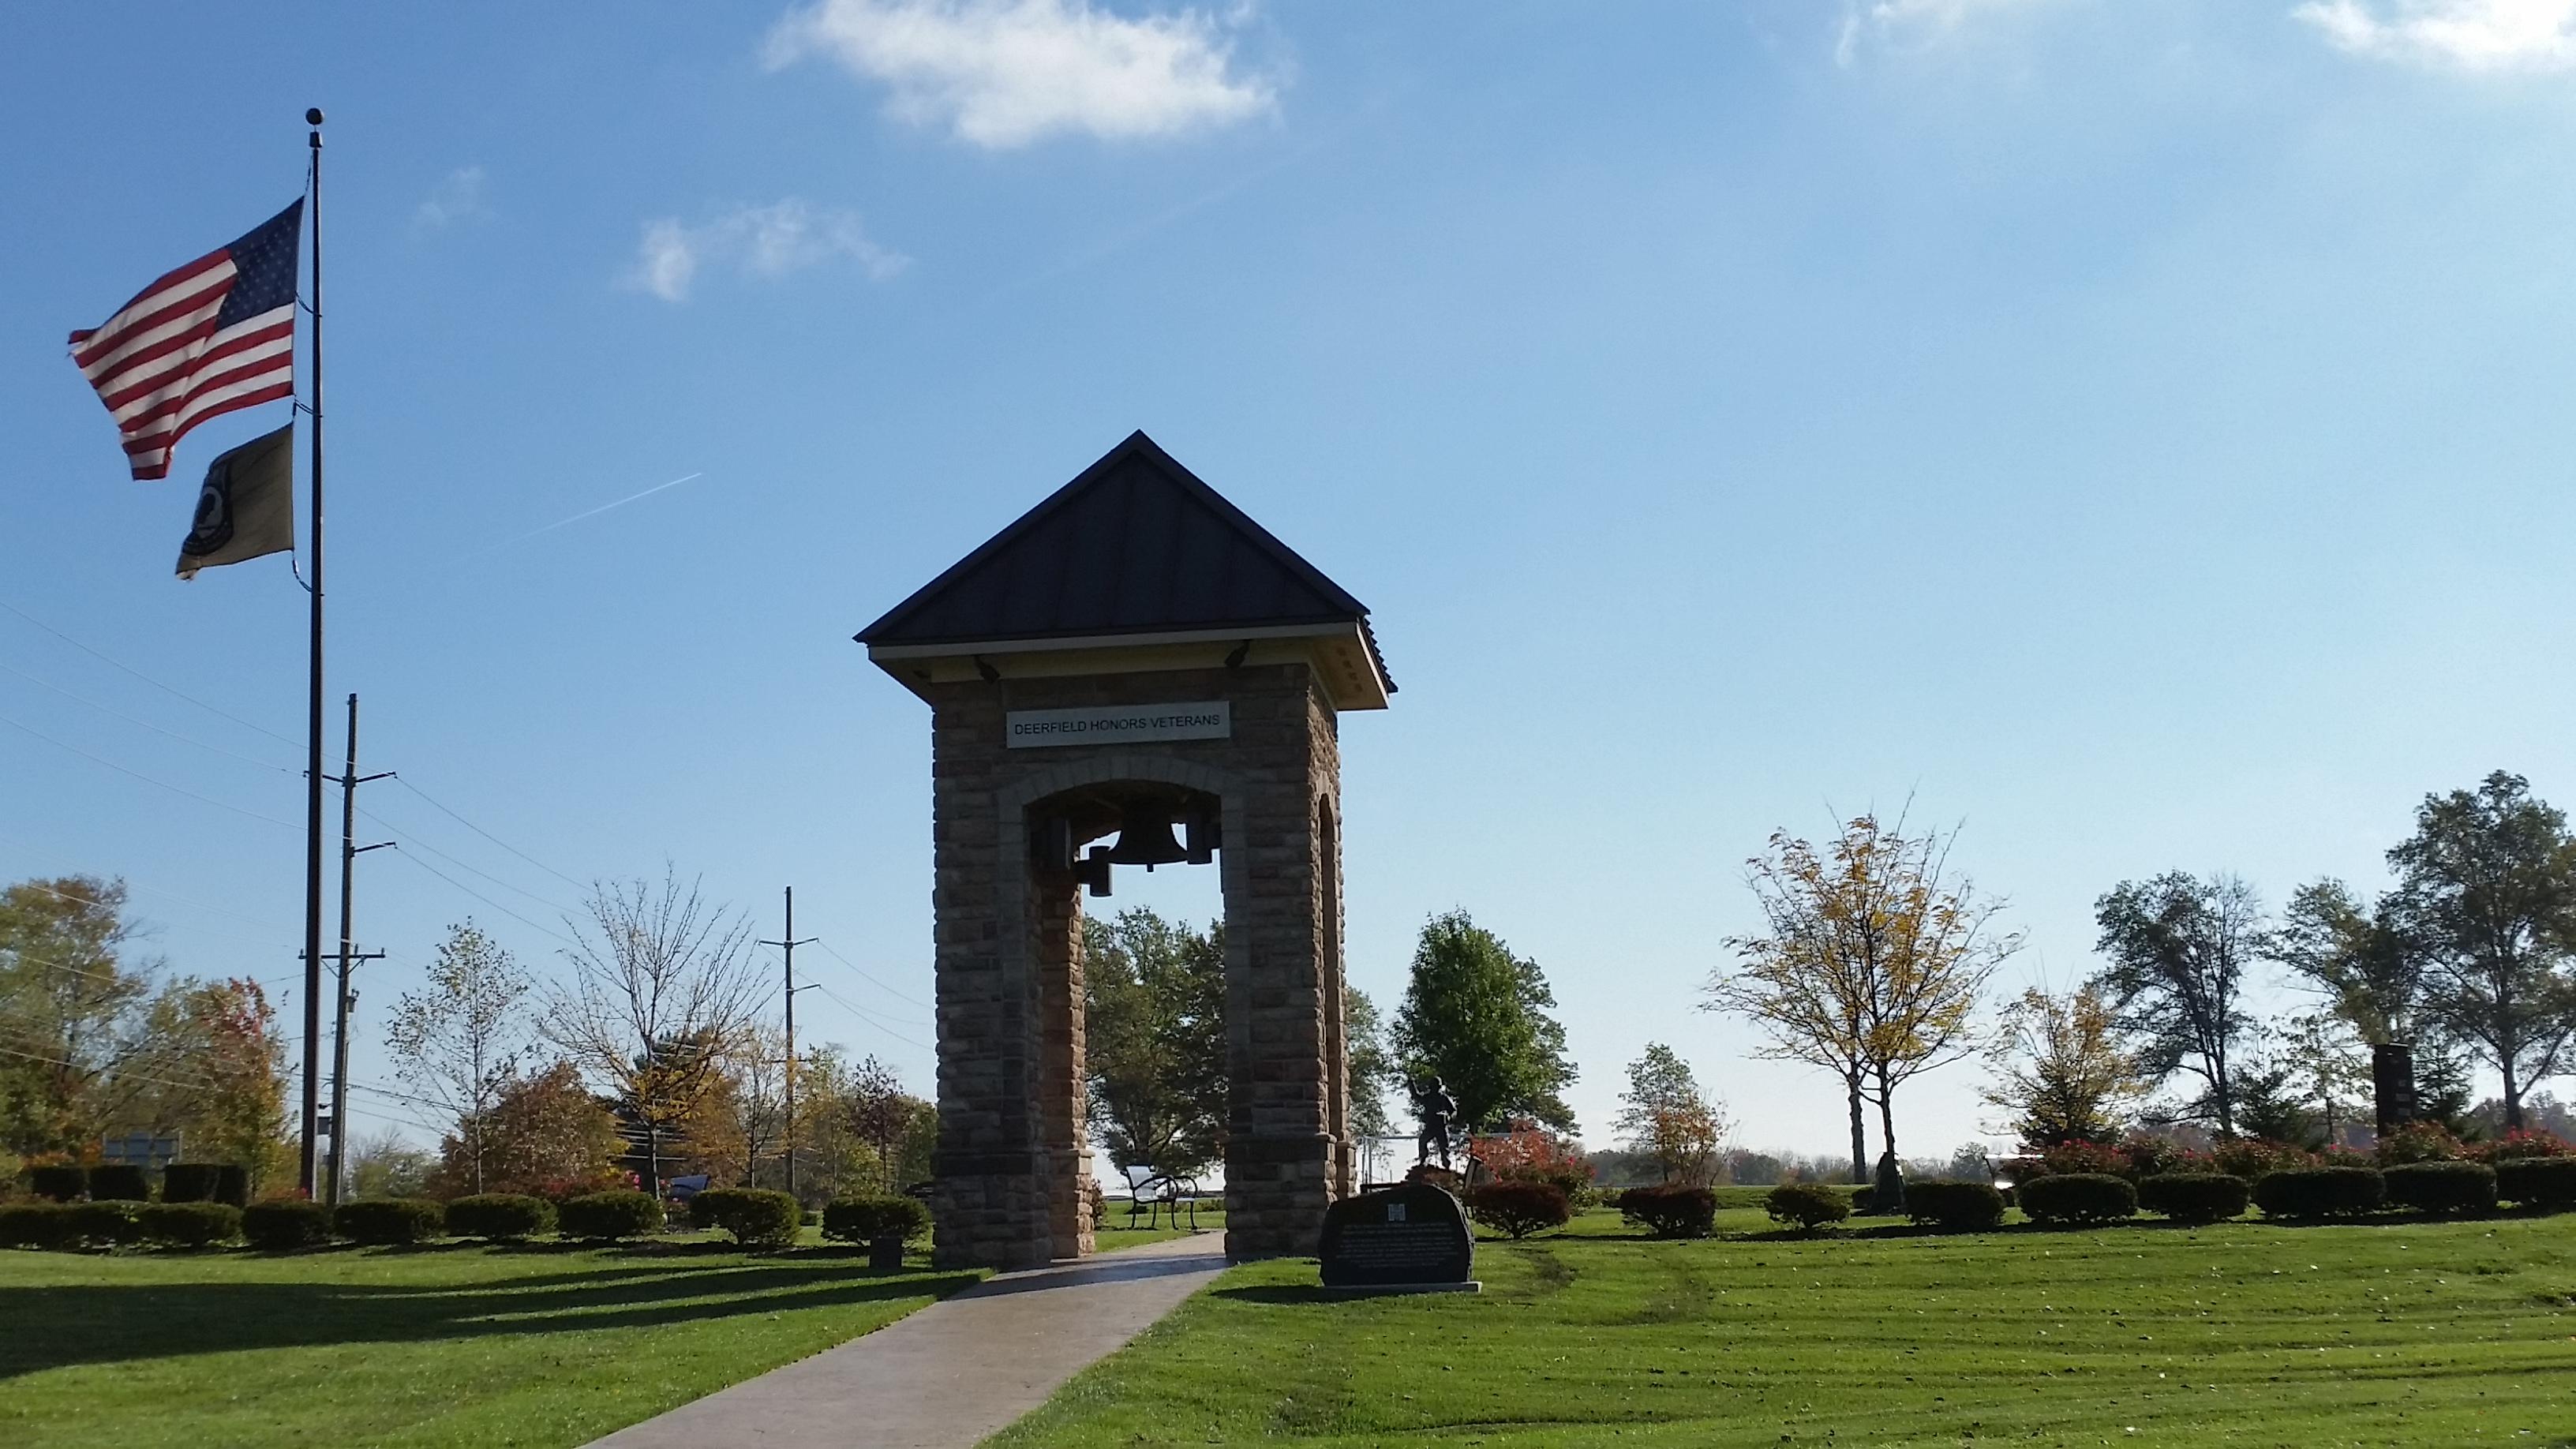 Deerfield Honors Veterans Park